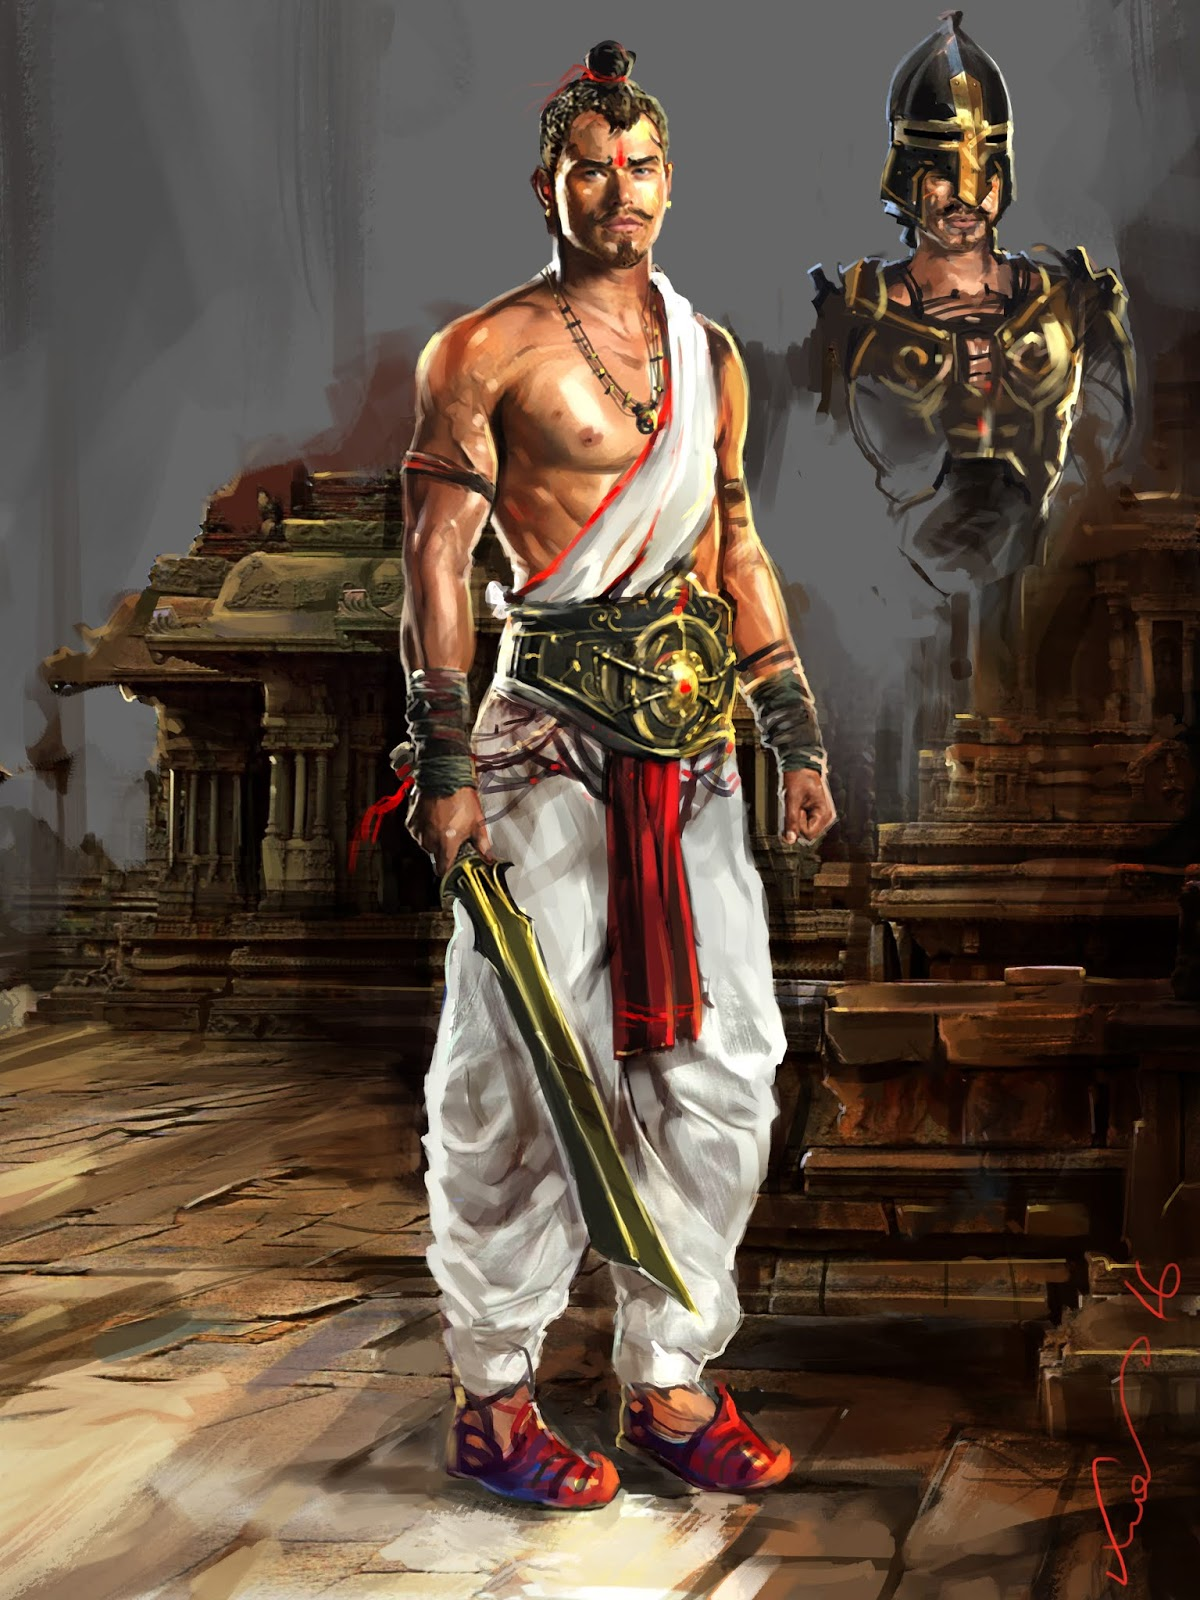 ಅಮೃತಮತಿಯ ಪ್ರಣಯ ಕಥೆ : ಯಶೋಧರ ಚರಿತ್ರೆ -Yashodhar Charitre in Kannada